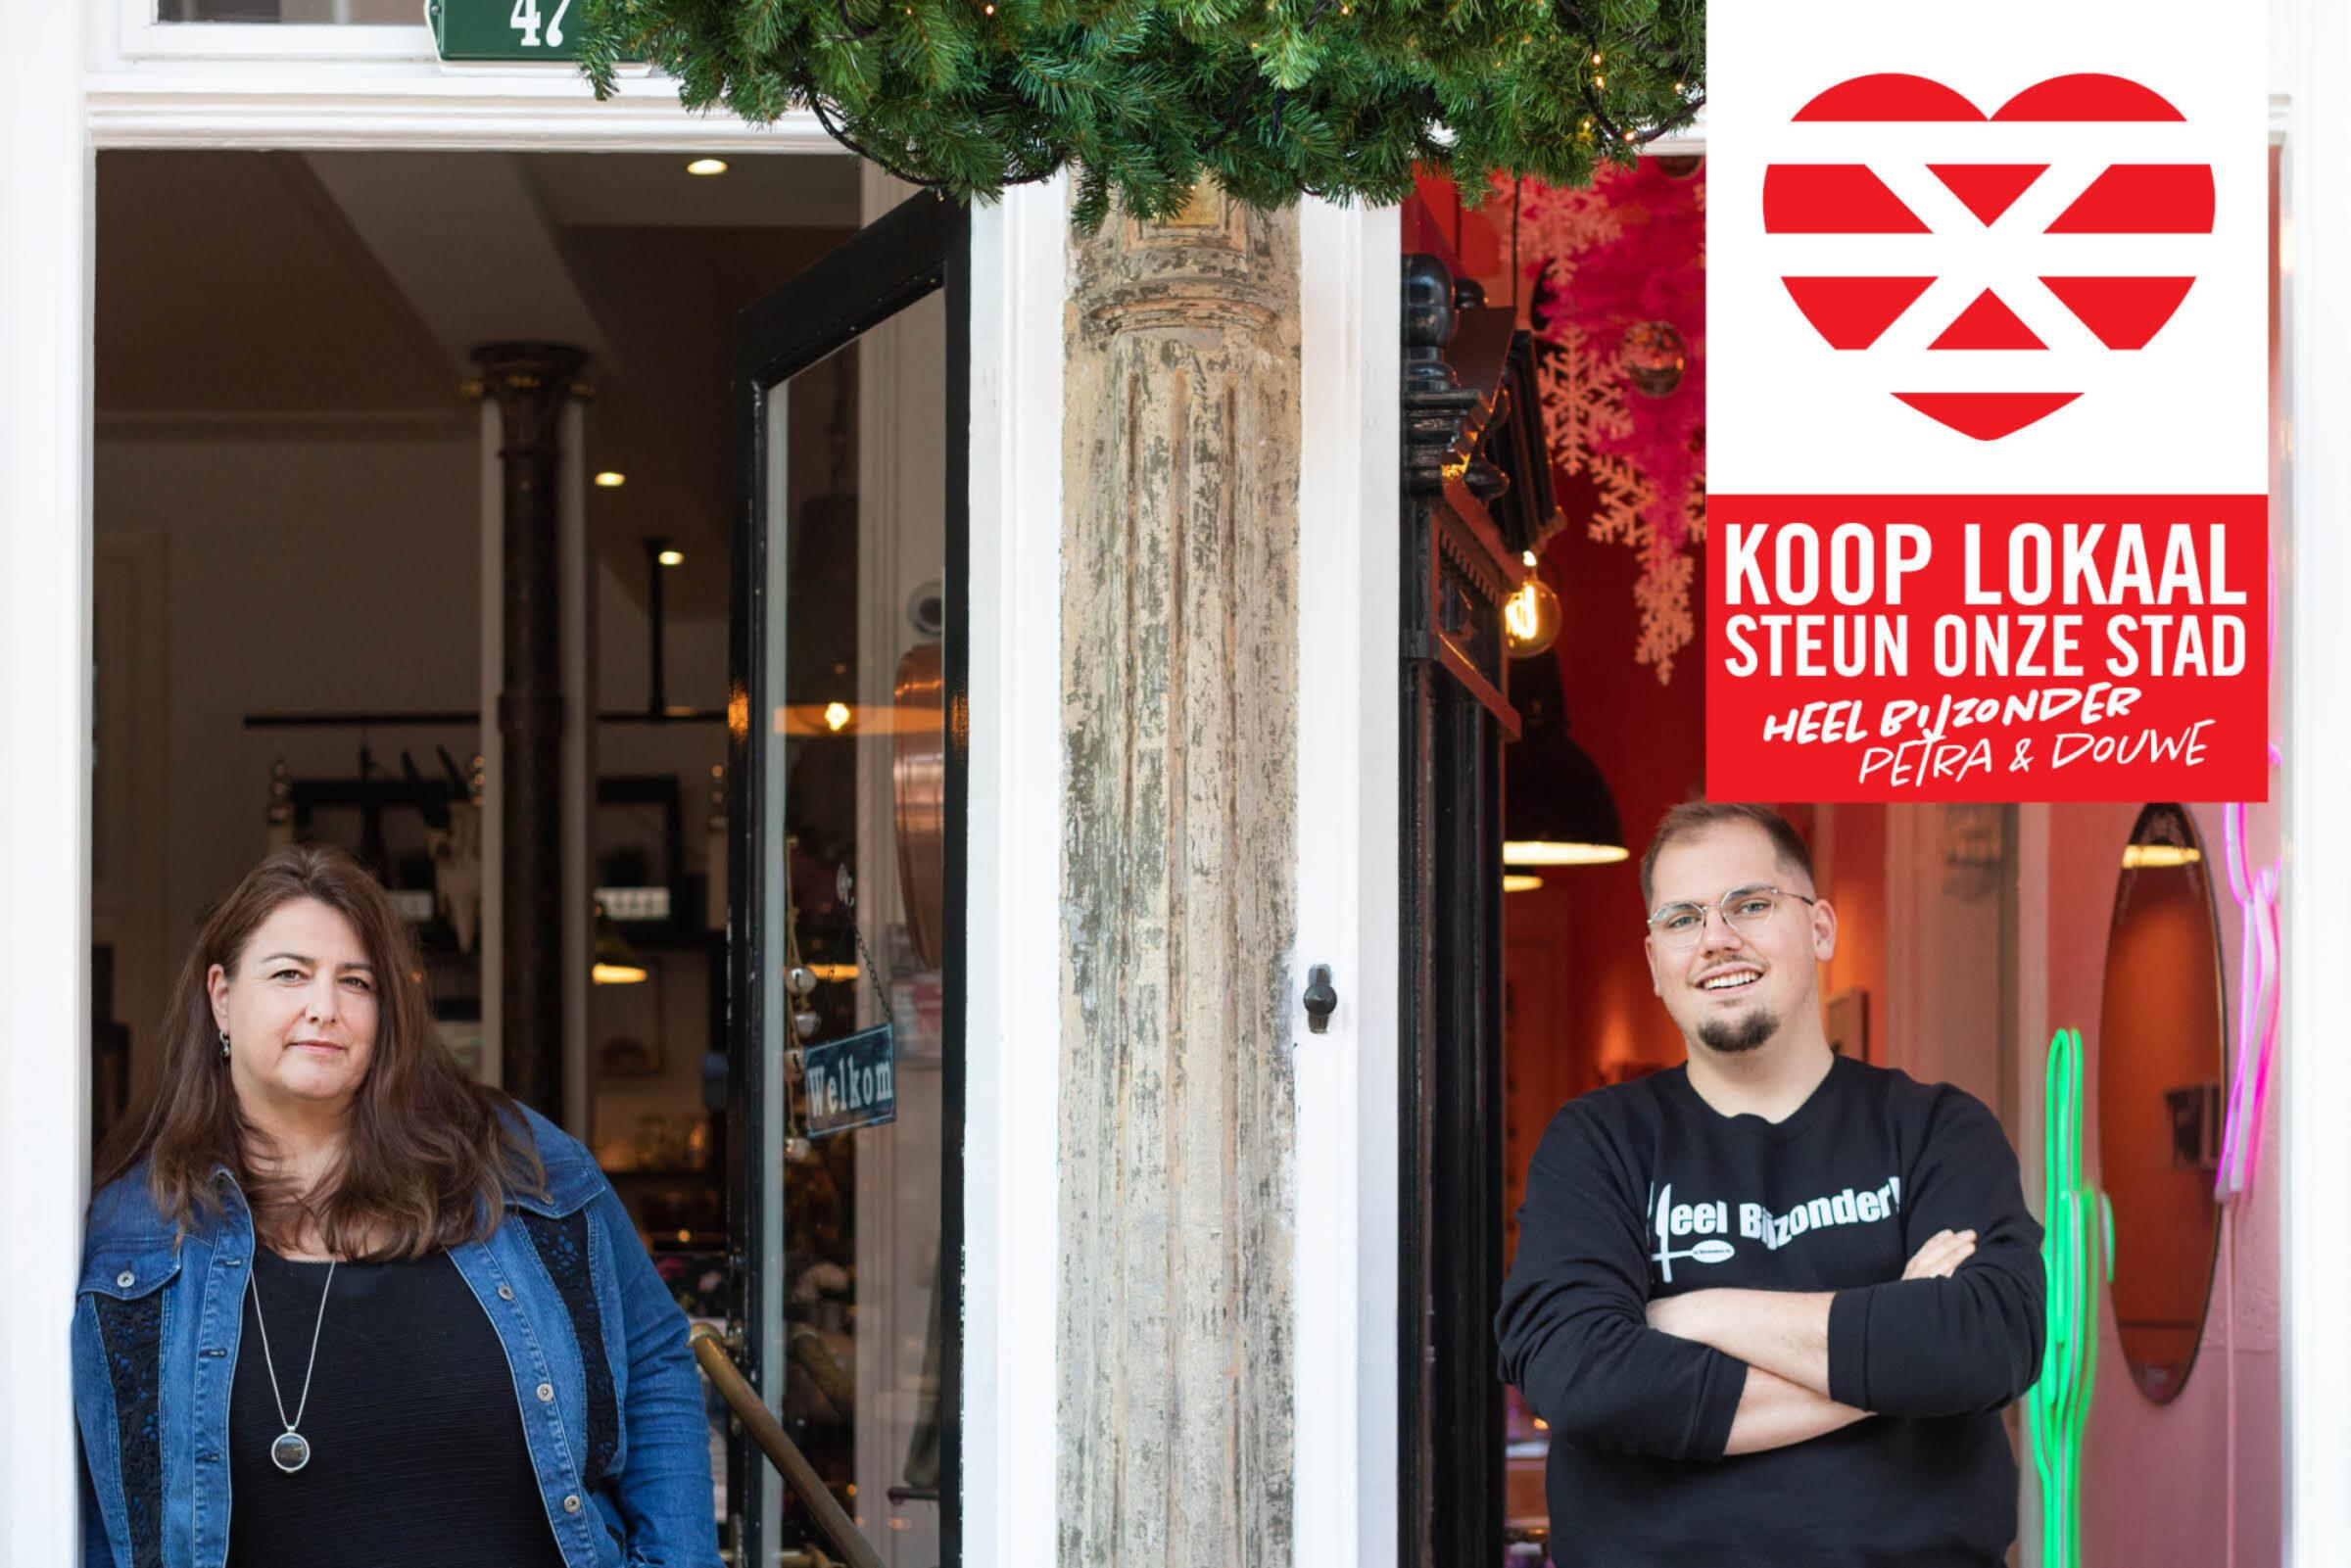 Steun onze stad Koop lokaal Enschede Heel Bijzonder Petra Douwe